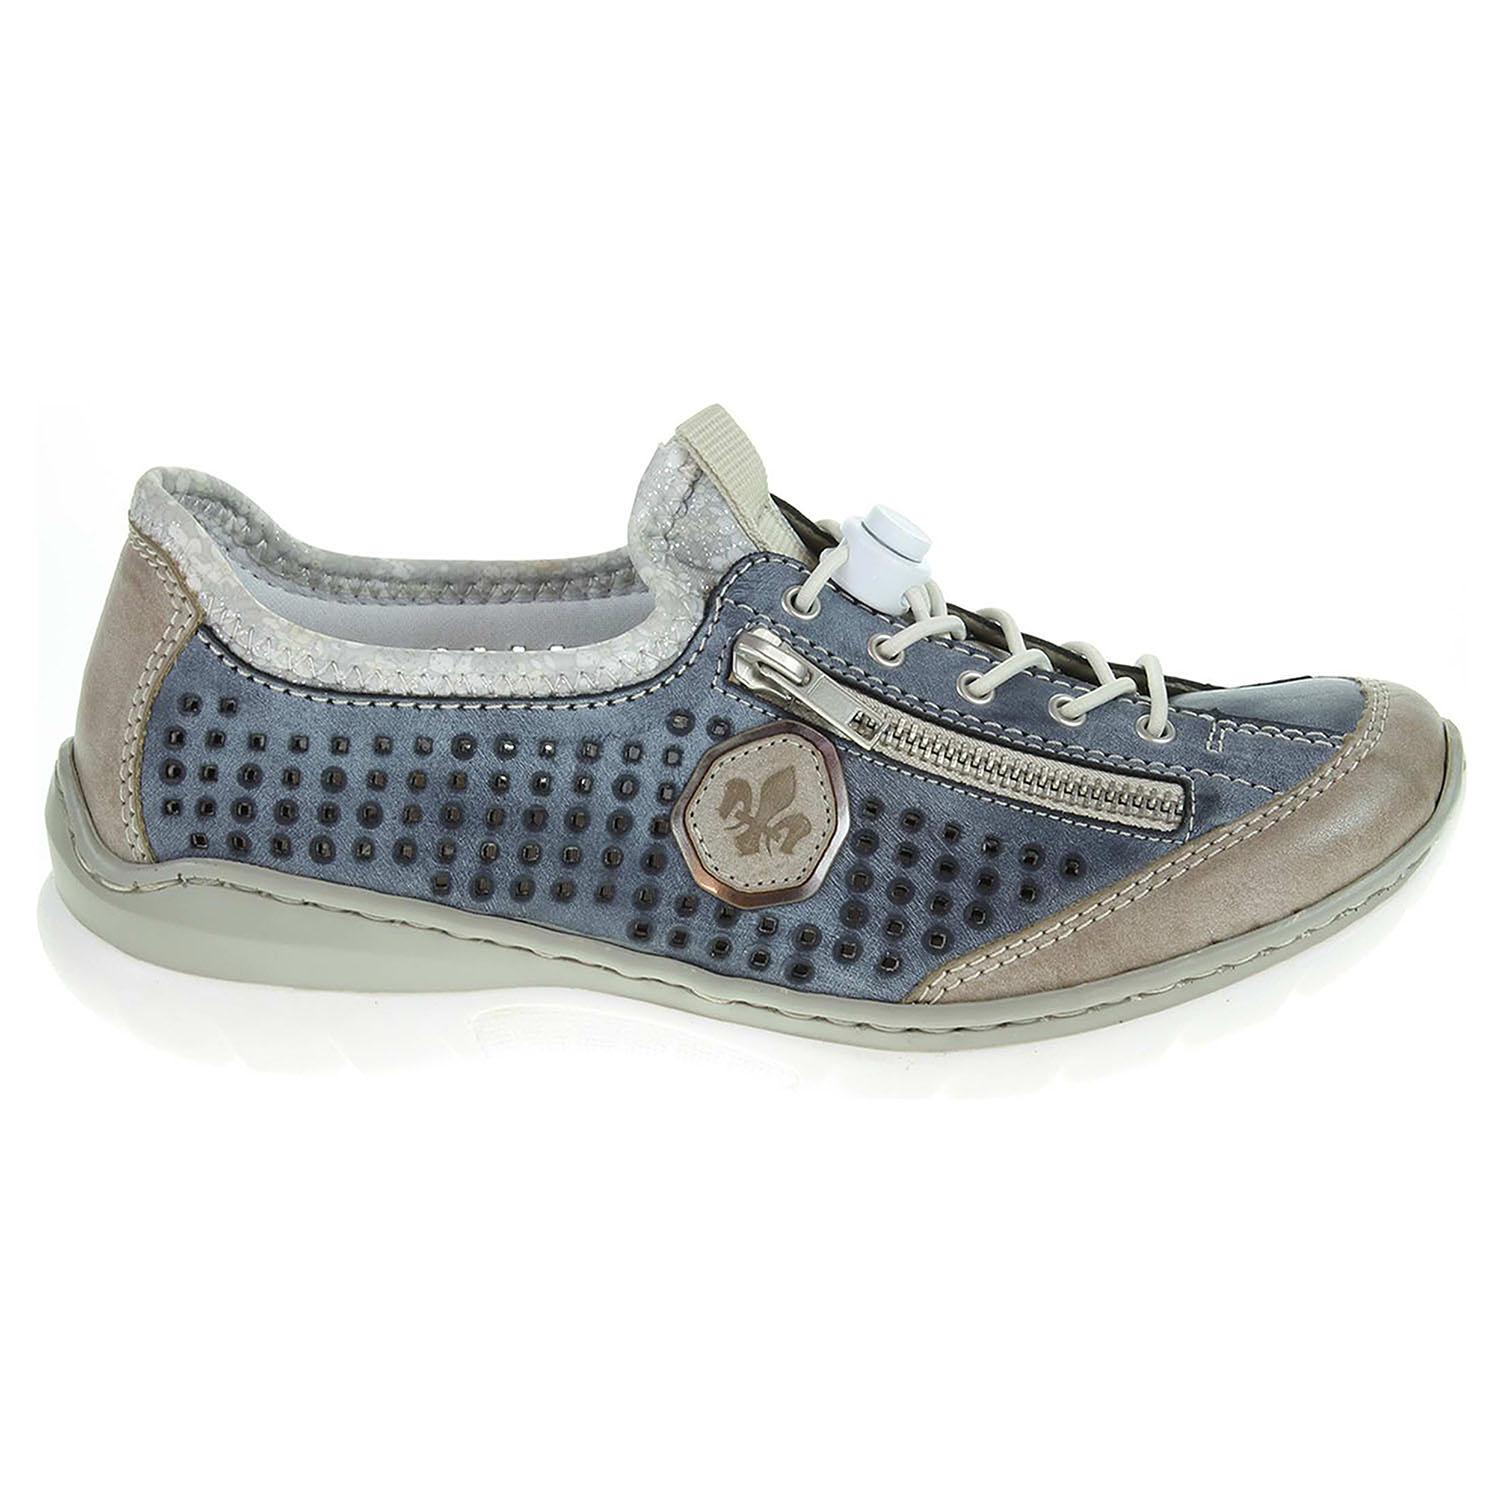 e57077eba36 Ecco Rieker dámská obuv L3296-42 blau kombi 23100622